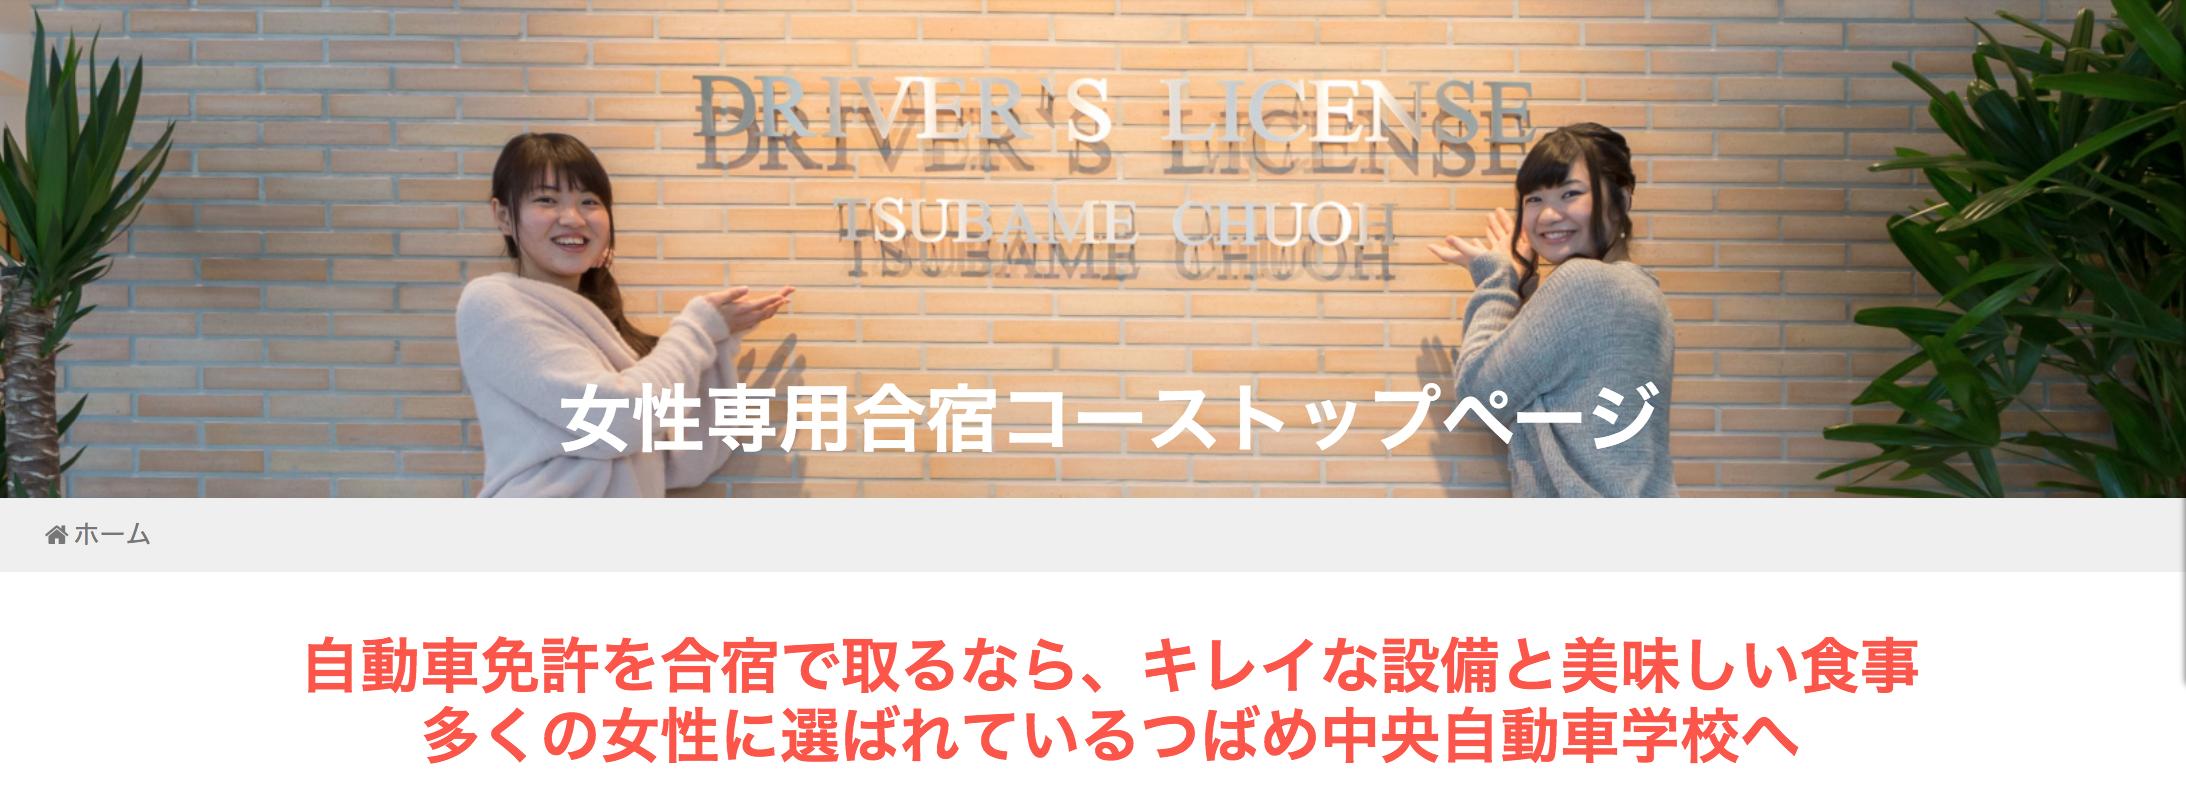 つばめ中央自動車学校 女性専用合宿コース